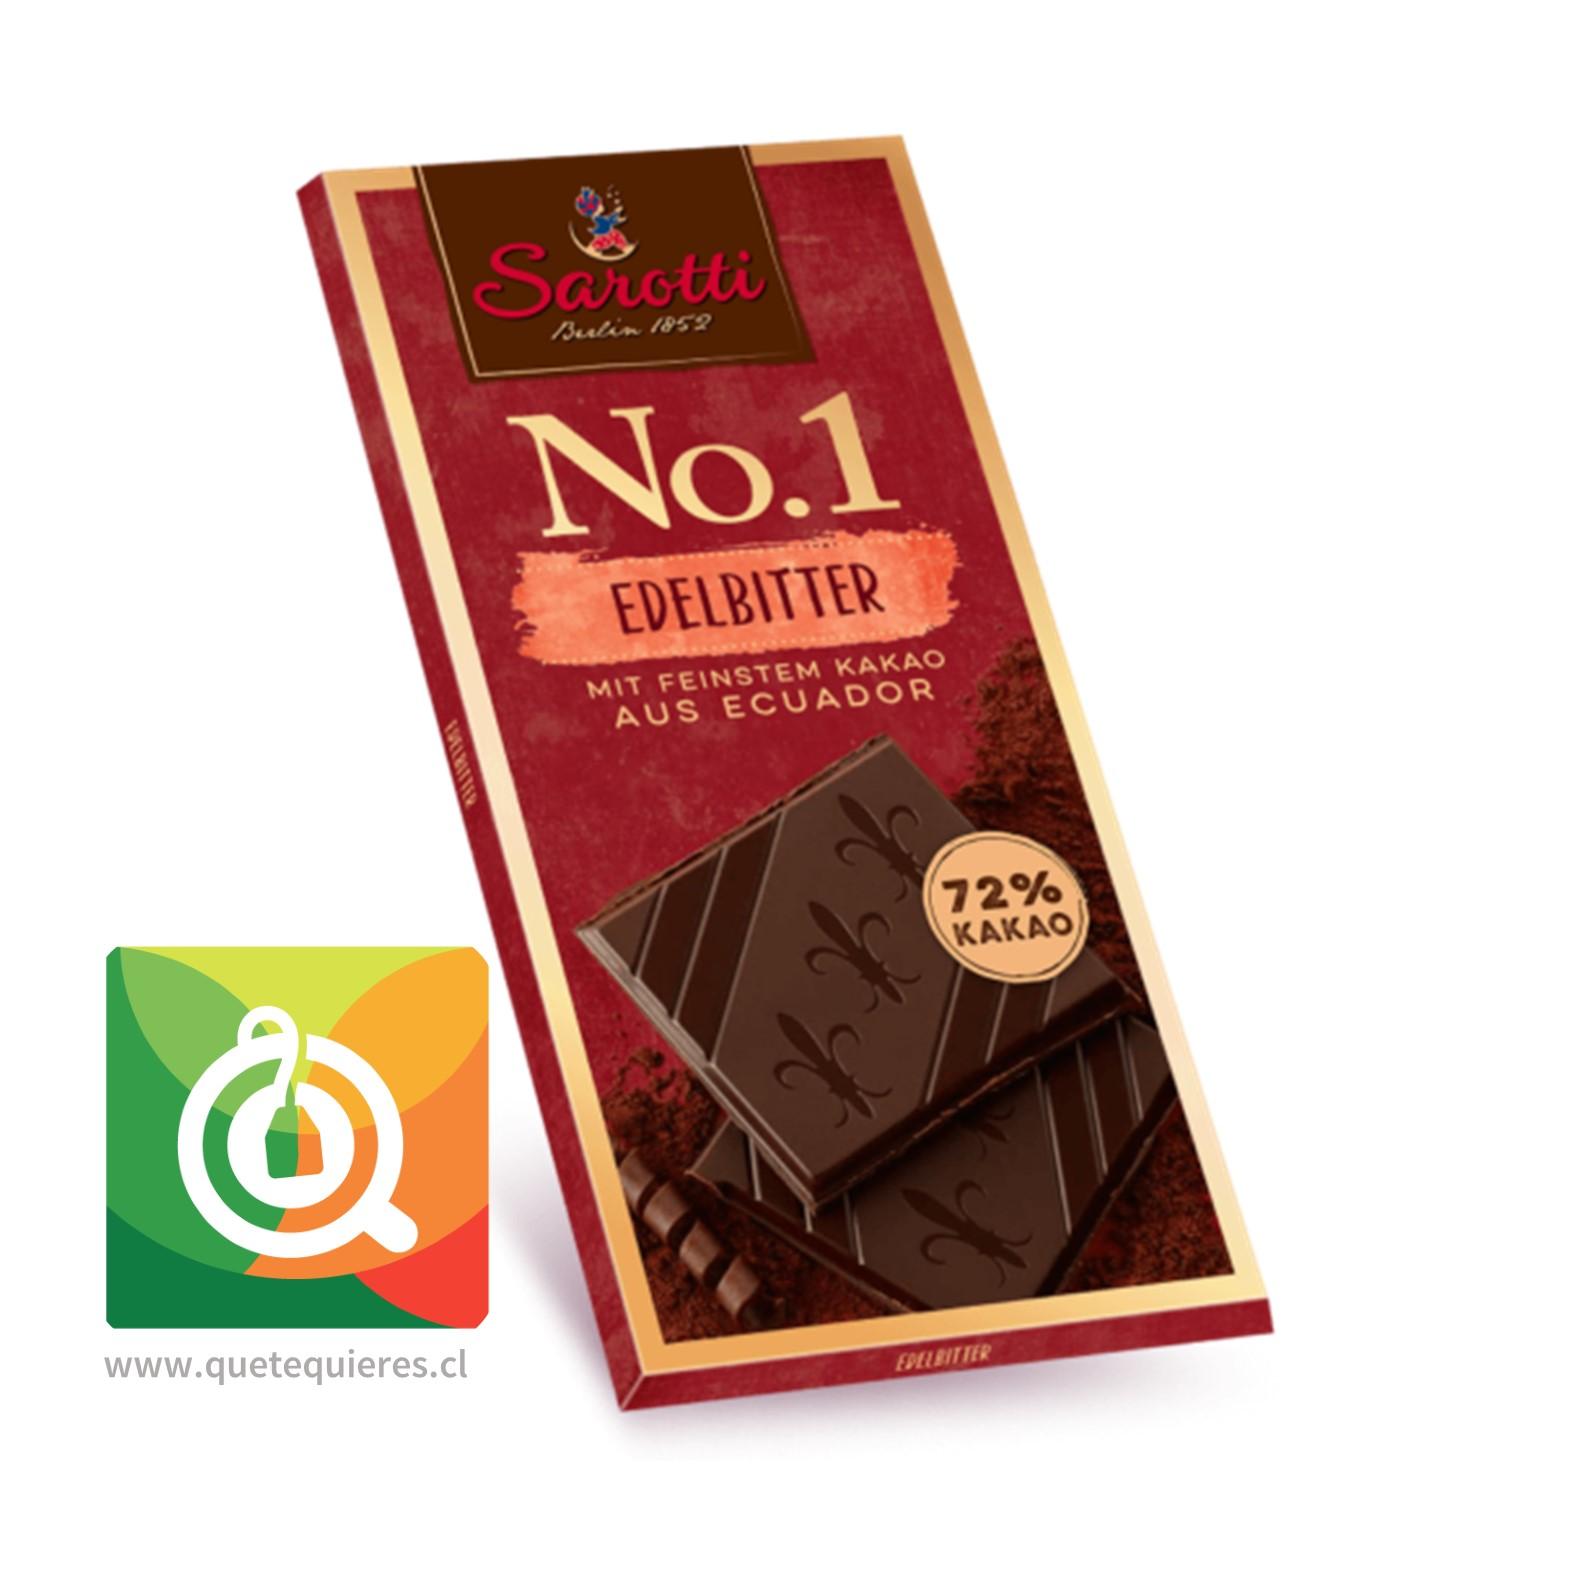 Sarotti Chocolate Barra N°1 Dark 72% Cacao de Ecuador